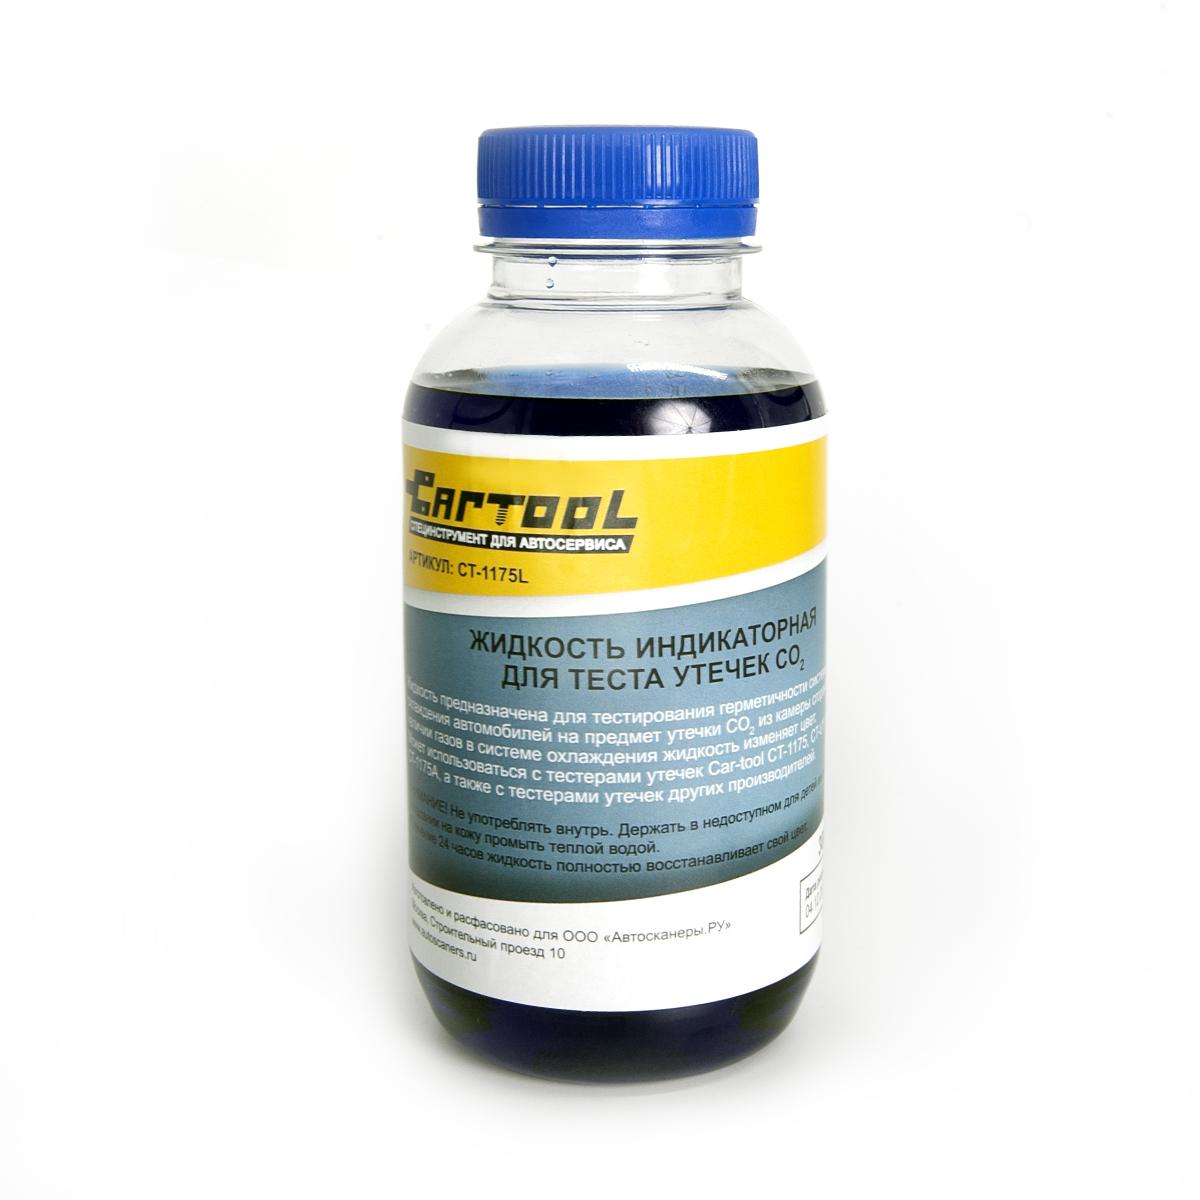 Жидкость индикаторная для теста утечек CO2 0,3л Car-Tool CT-1175L